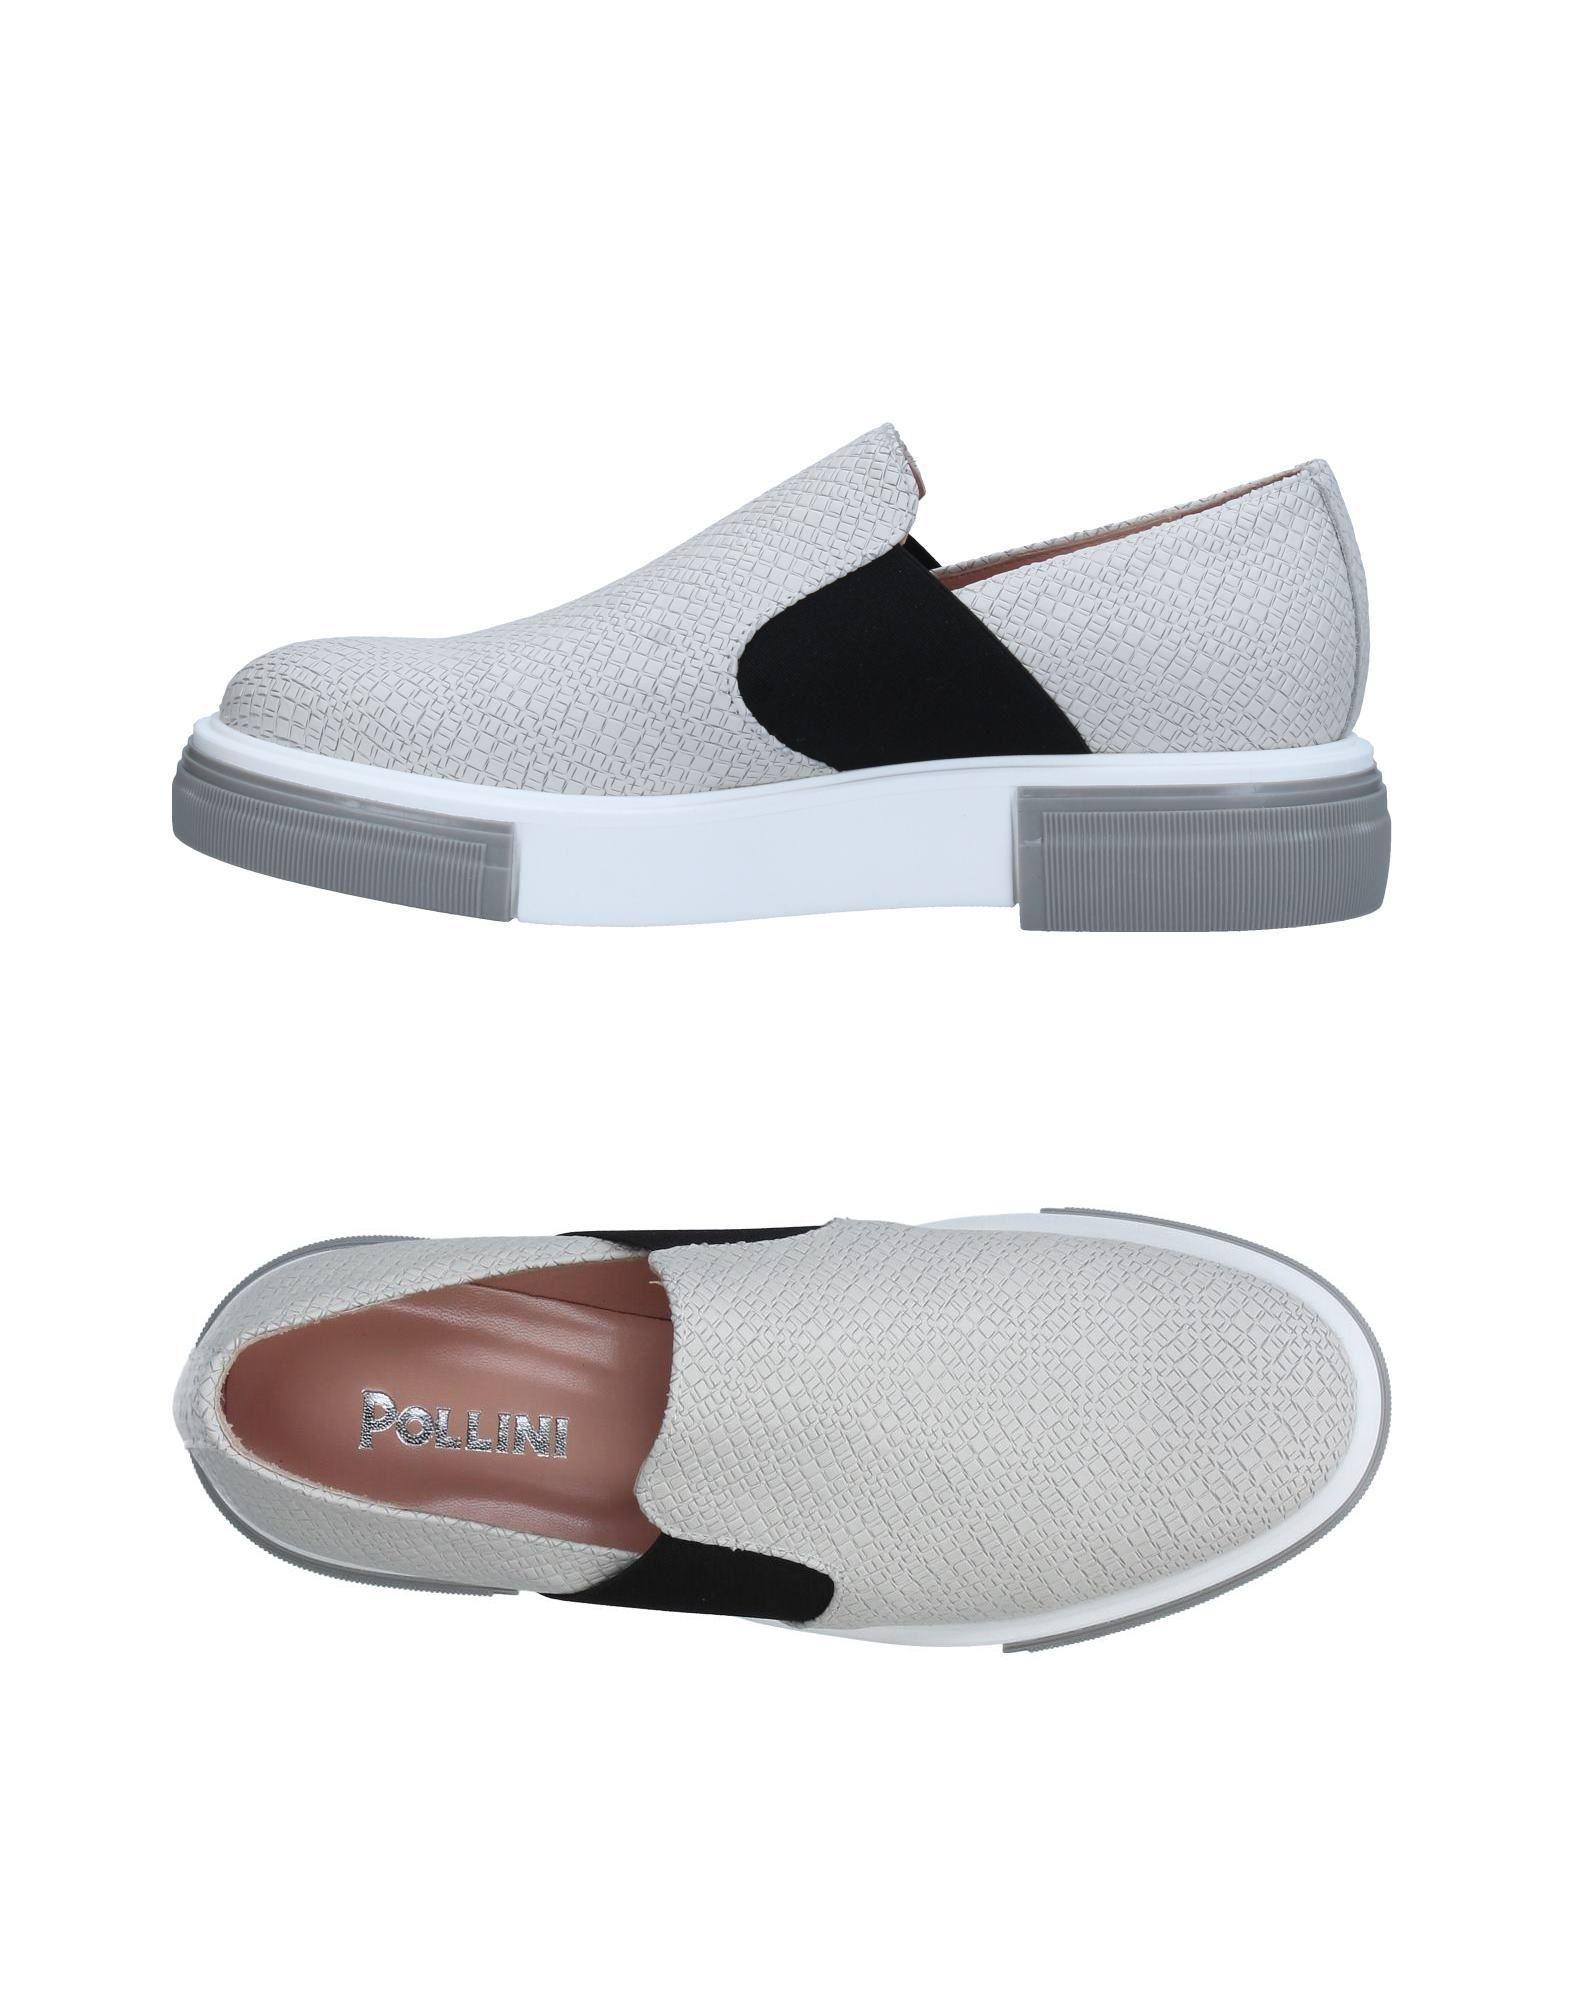 Womens Low-Top Sneakers Pollini RQILI